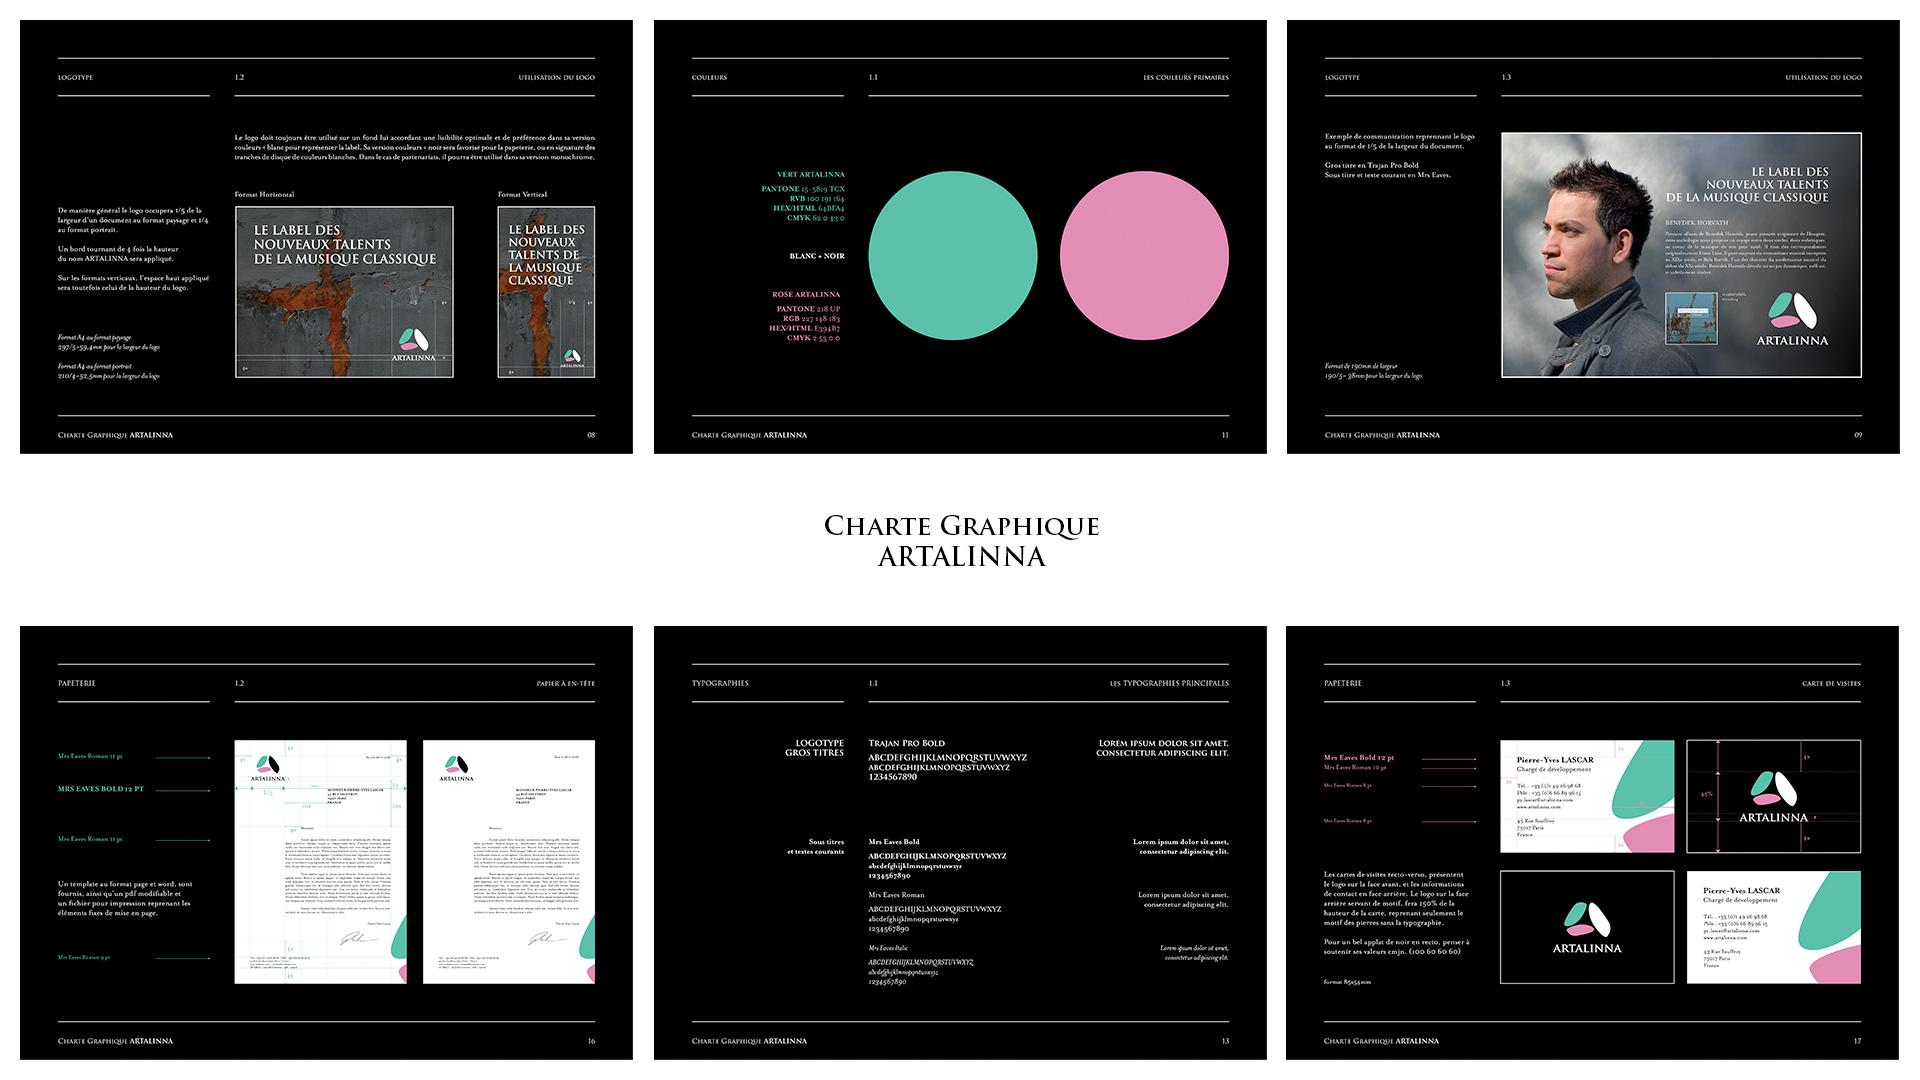 Charte graphique Artalinna